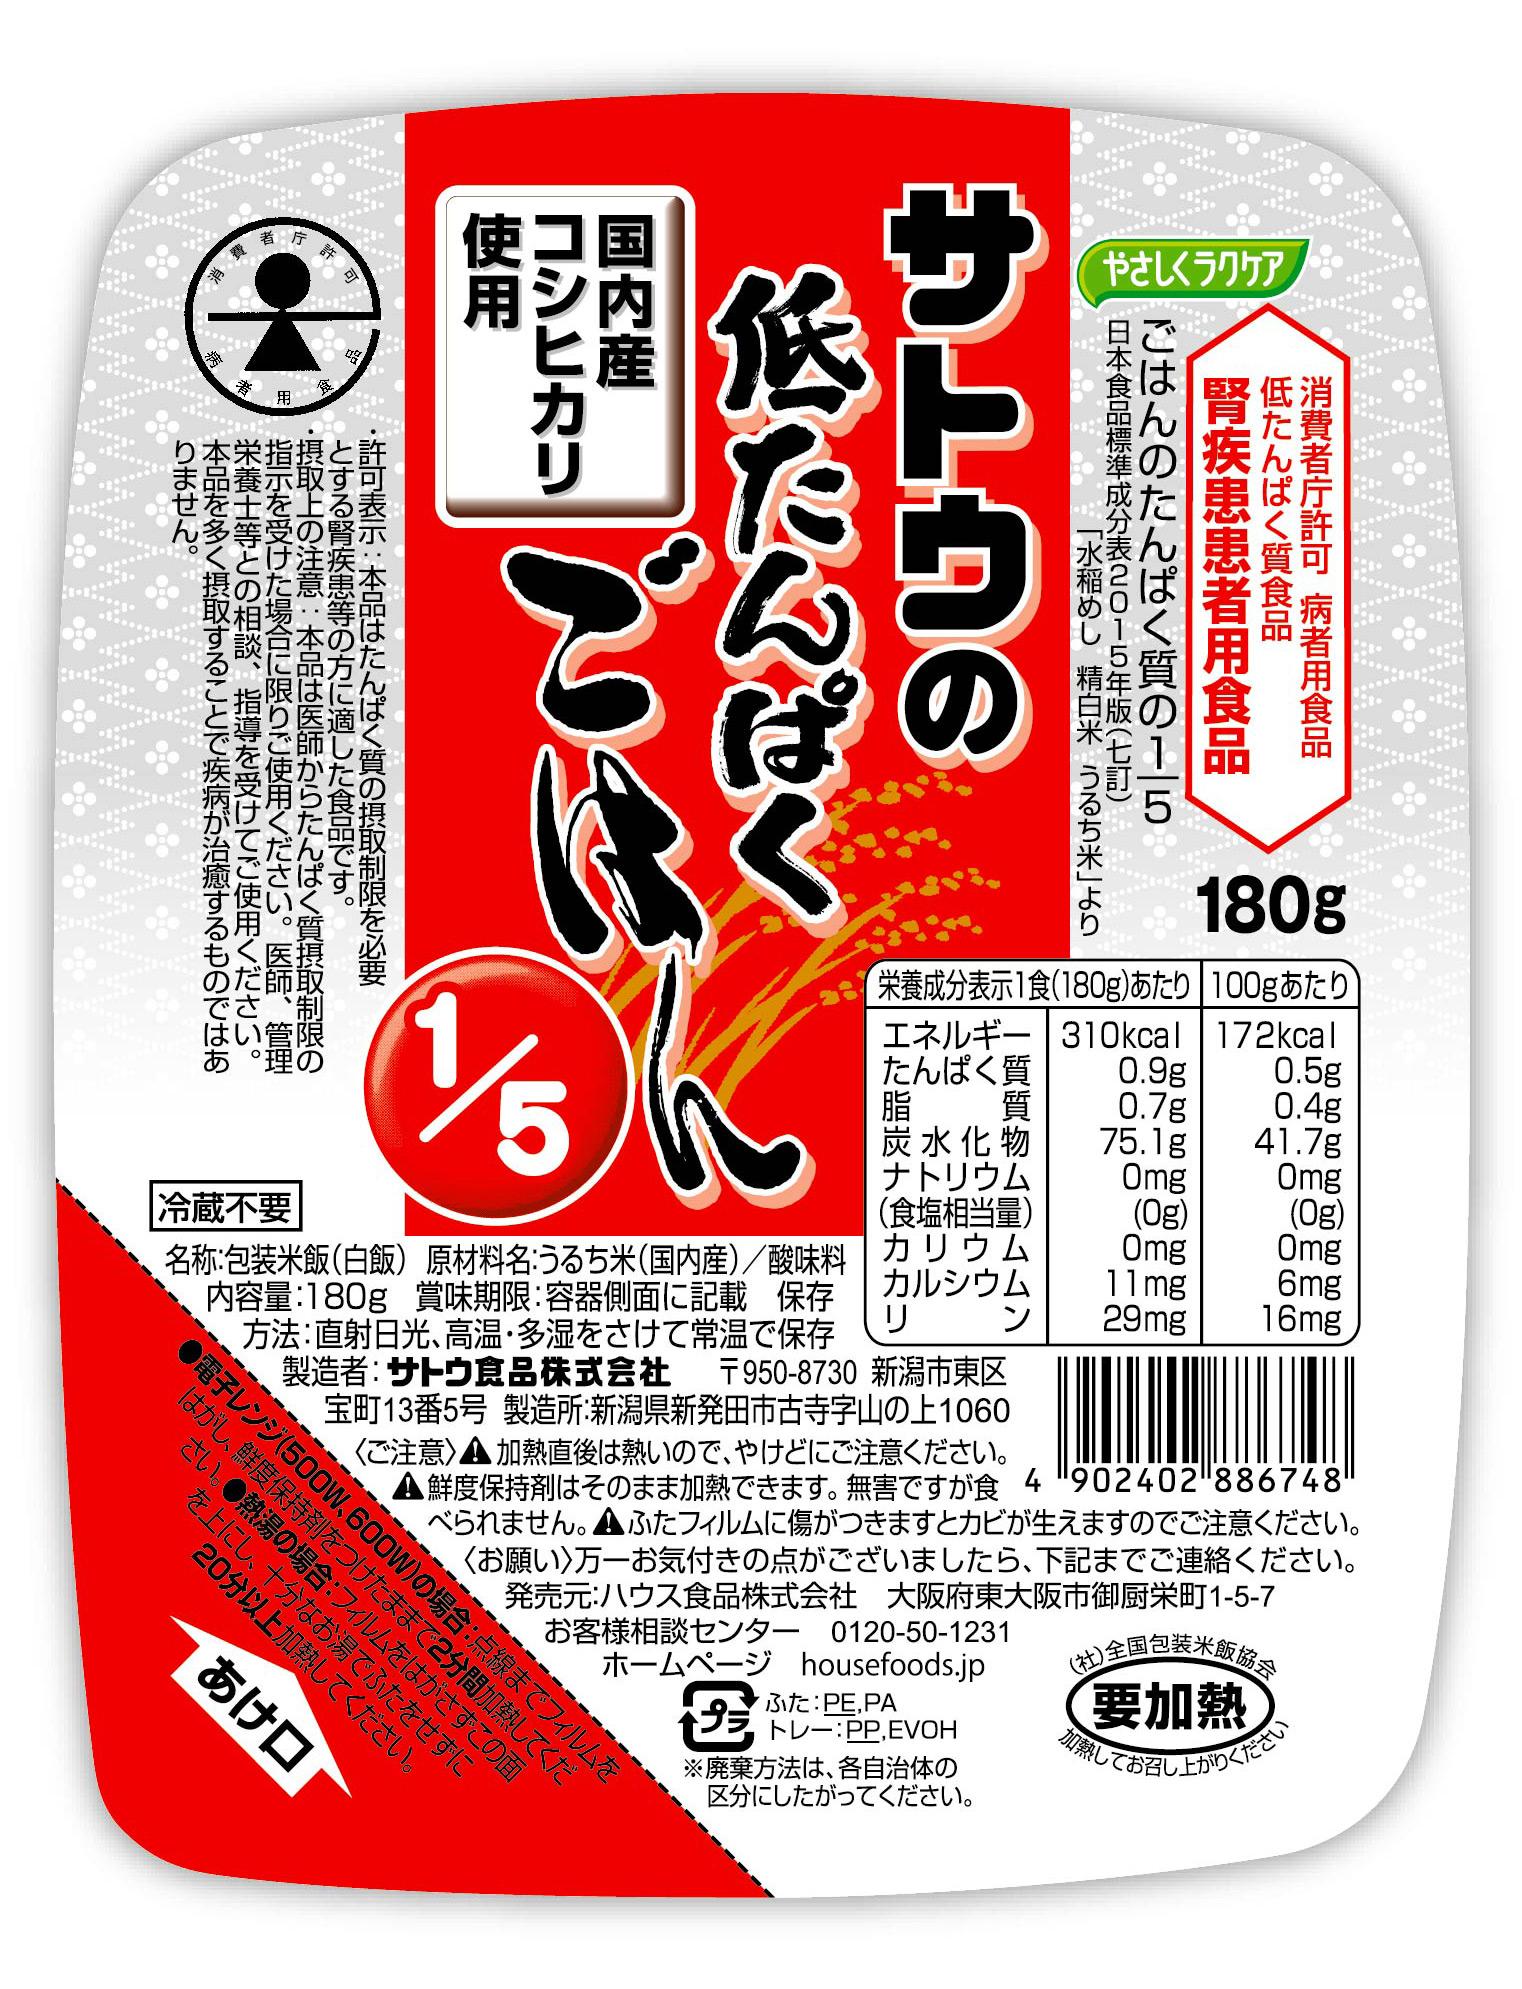 特別用途食品 やさしくラクケア サトウの低たんぱくごはん 1/5 の商品画像